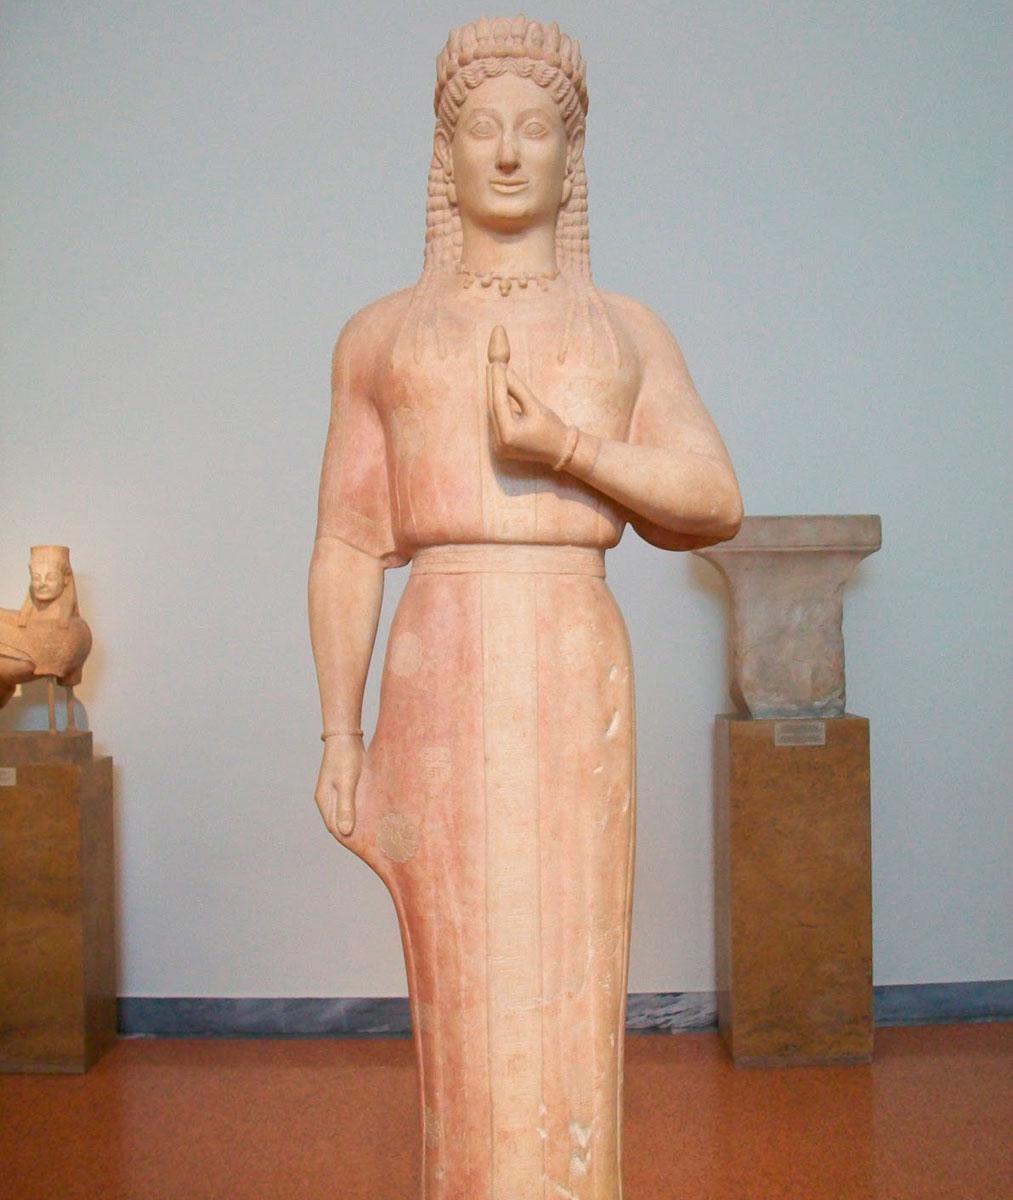 Κόρη Φρασίκλεια, 540 π.Χ. Βρέθηκε στη θέση «Μερέντα». Εθνικό Αρχαιολογικό Μουσείο.